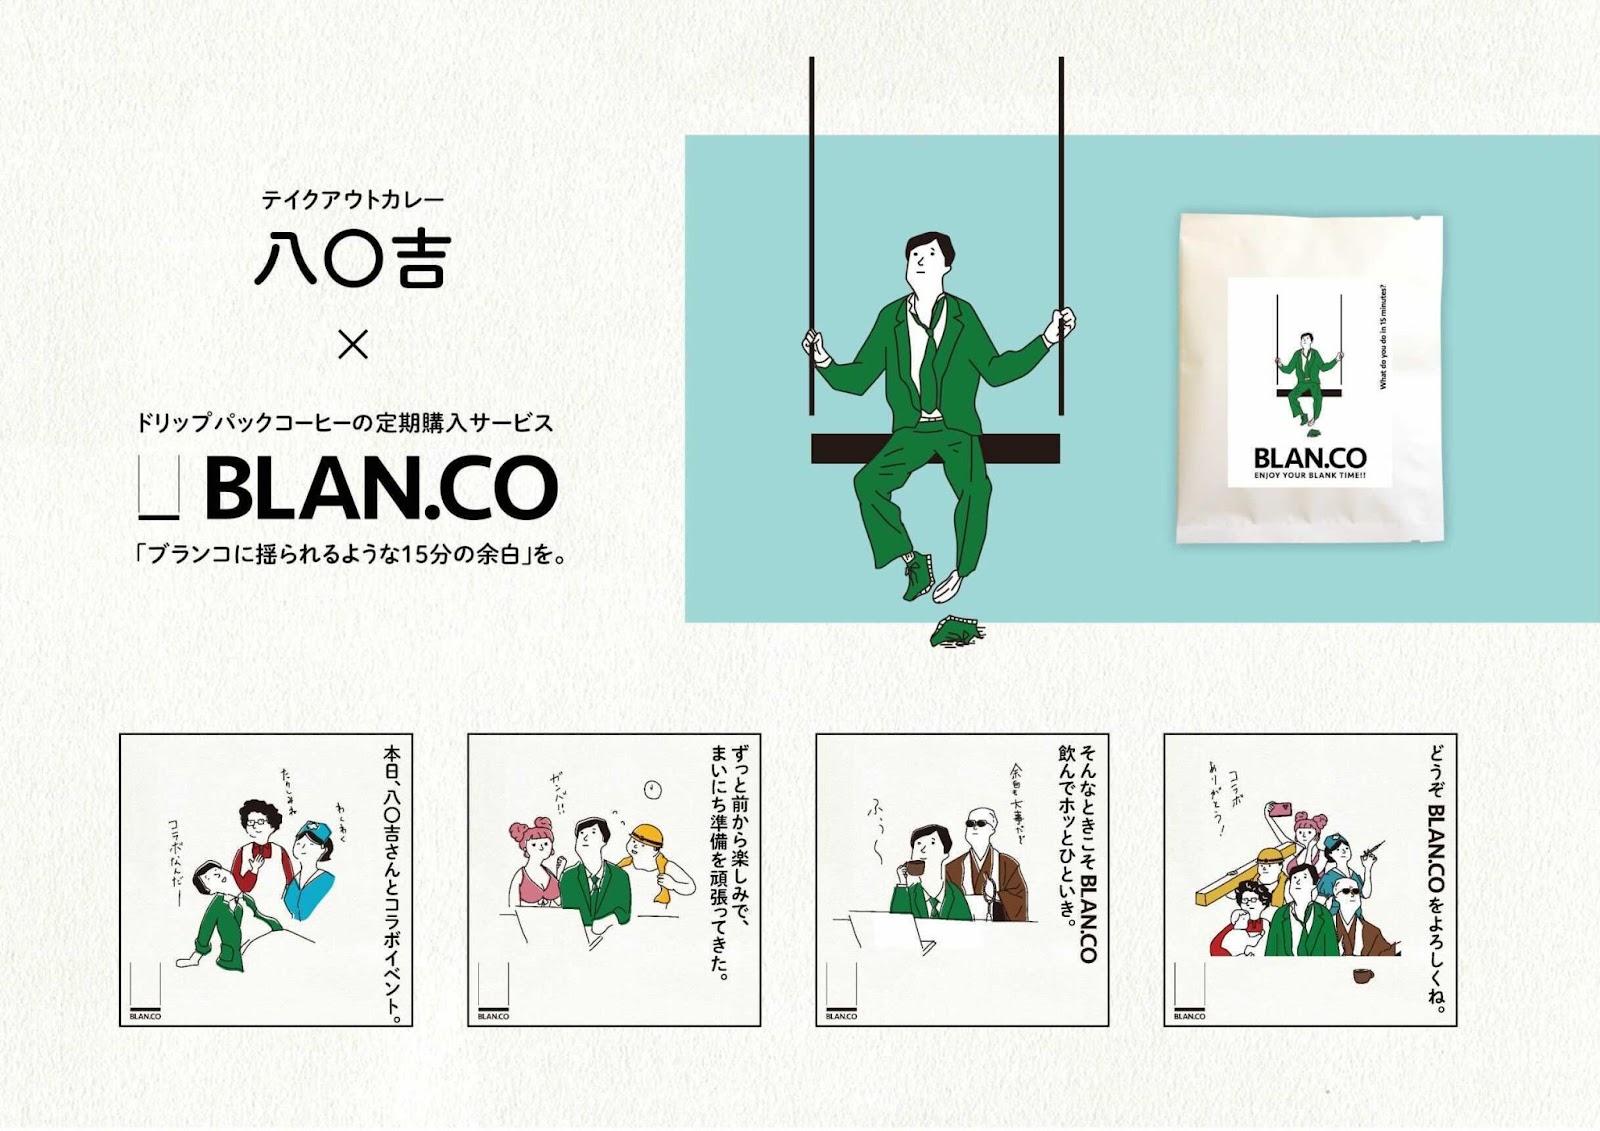 【7/18開催!】BLAN.CO×カレースタンド八○吉コラボイベントのお知らせ